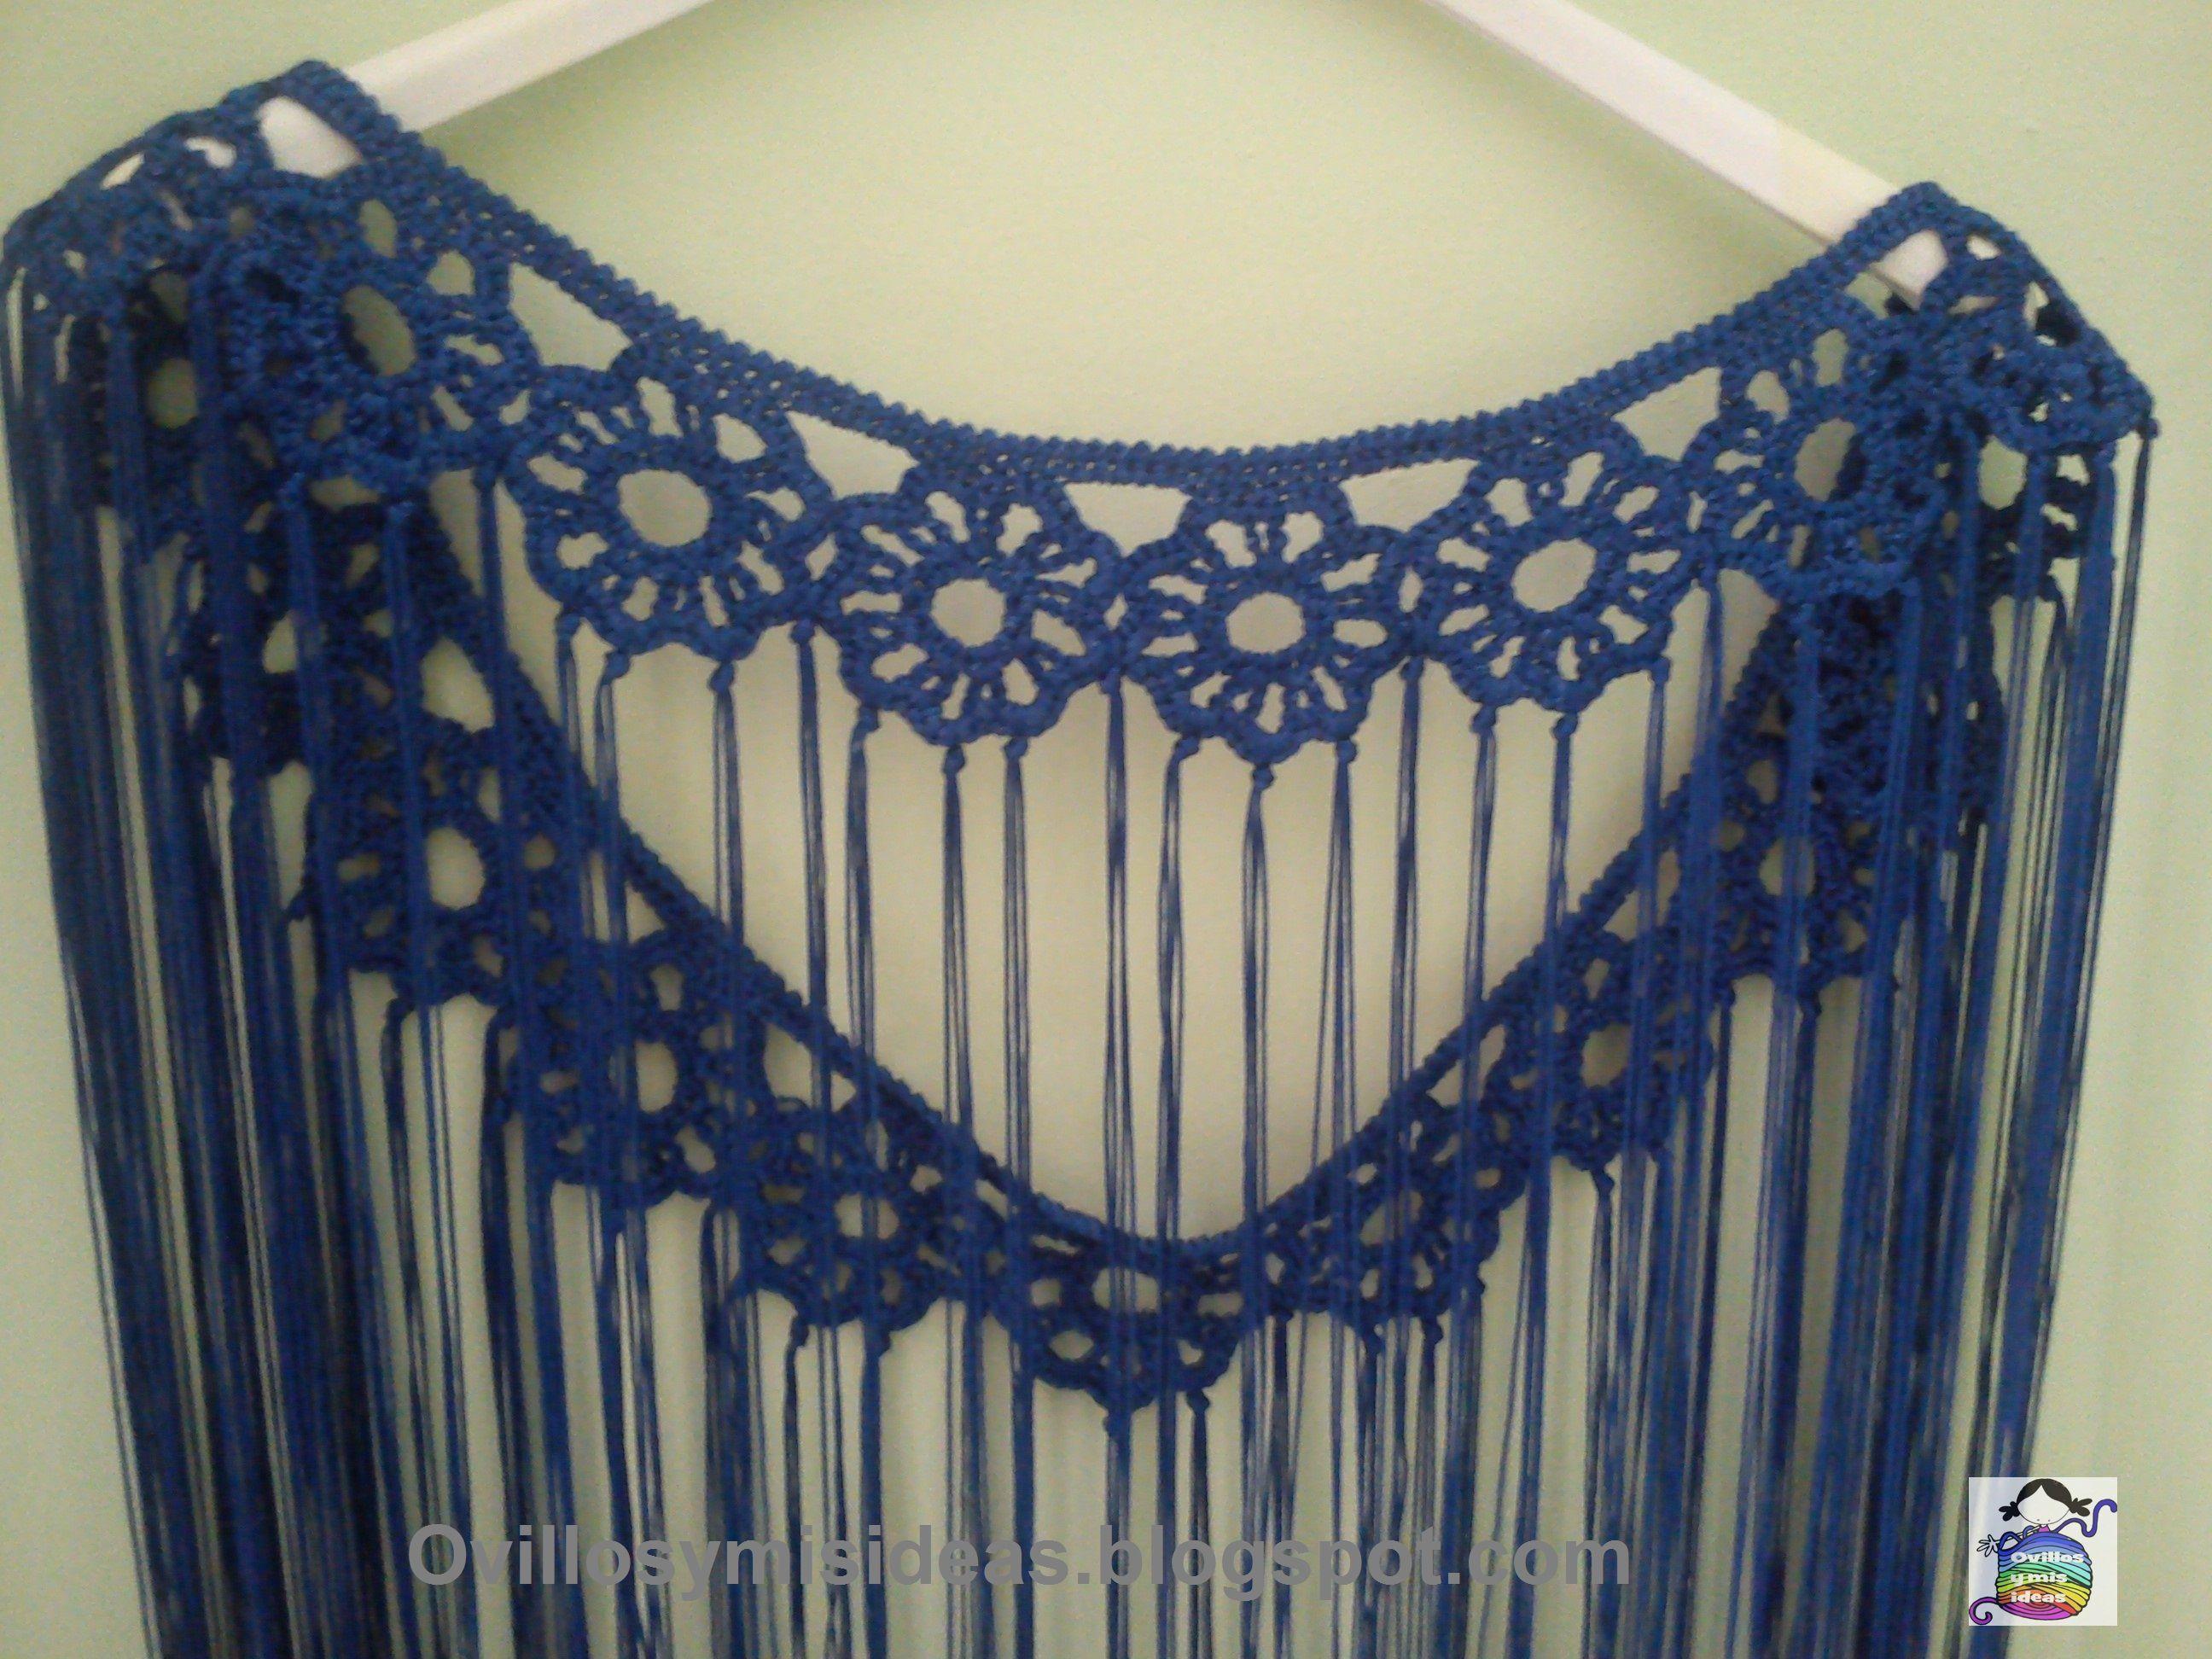 Mantoncillo Flamenca Crochet Con Flecos De Pinterest Yrxw5YqX